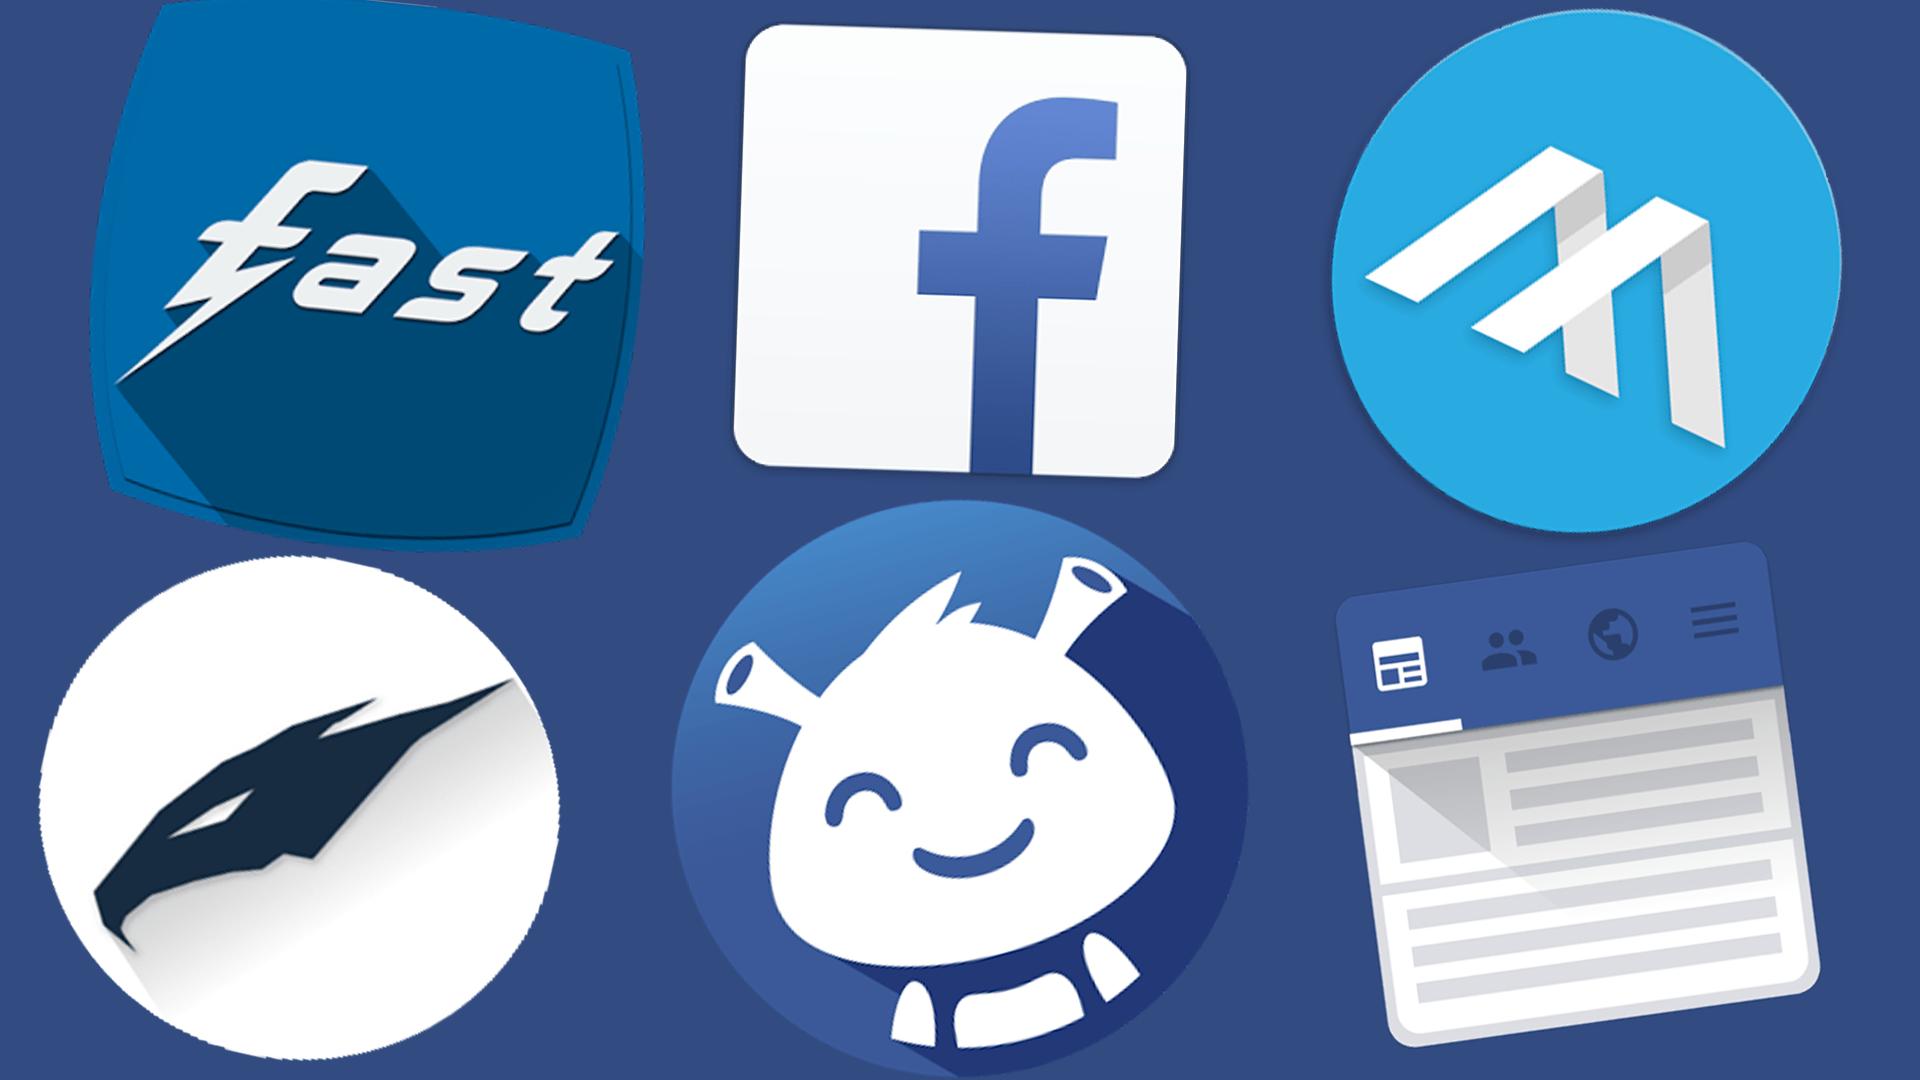 Las mejores alternativas a Facebook en Android